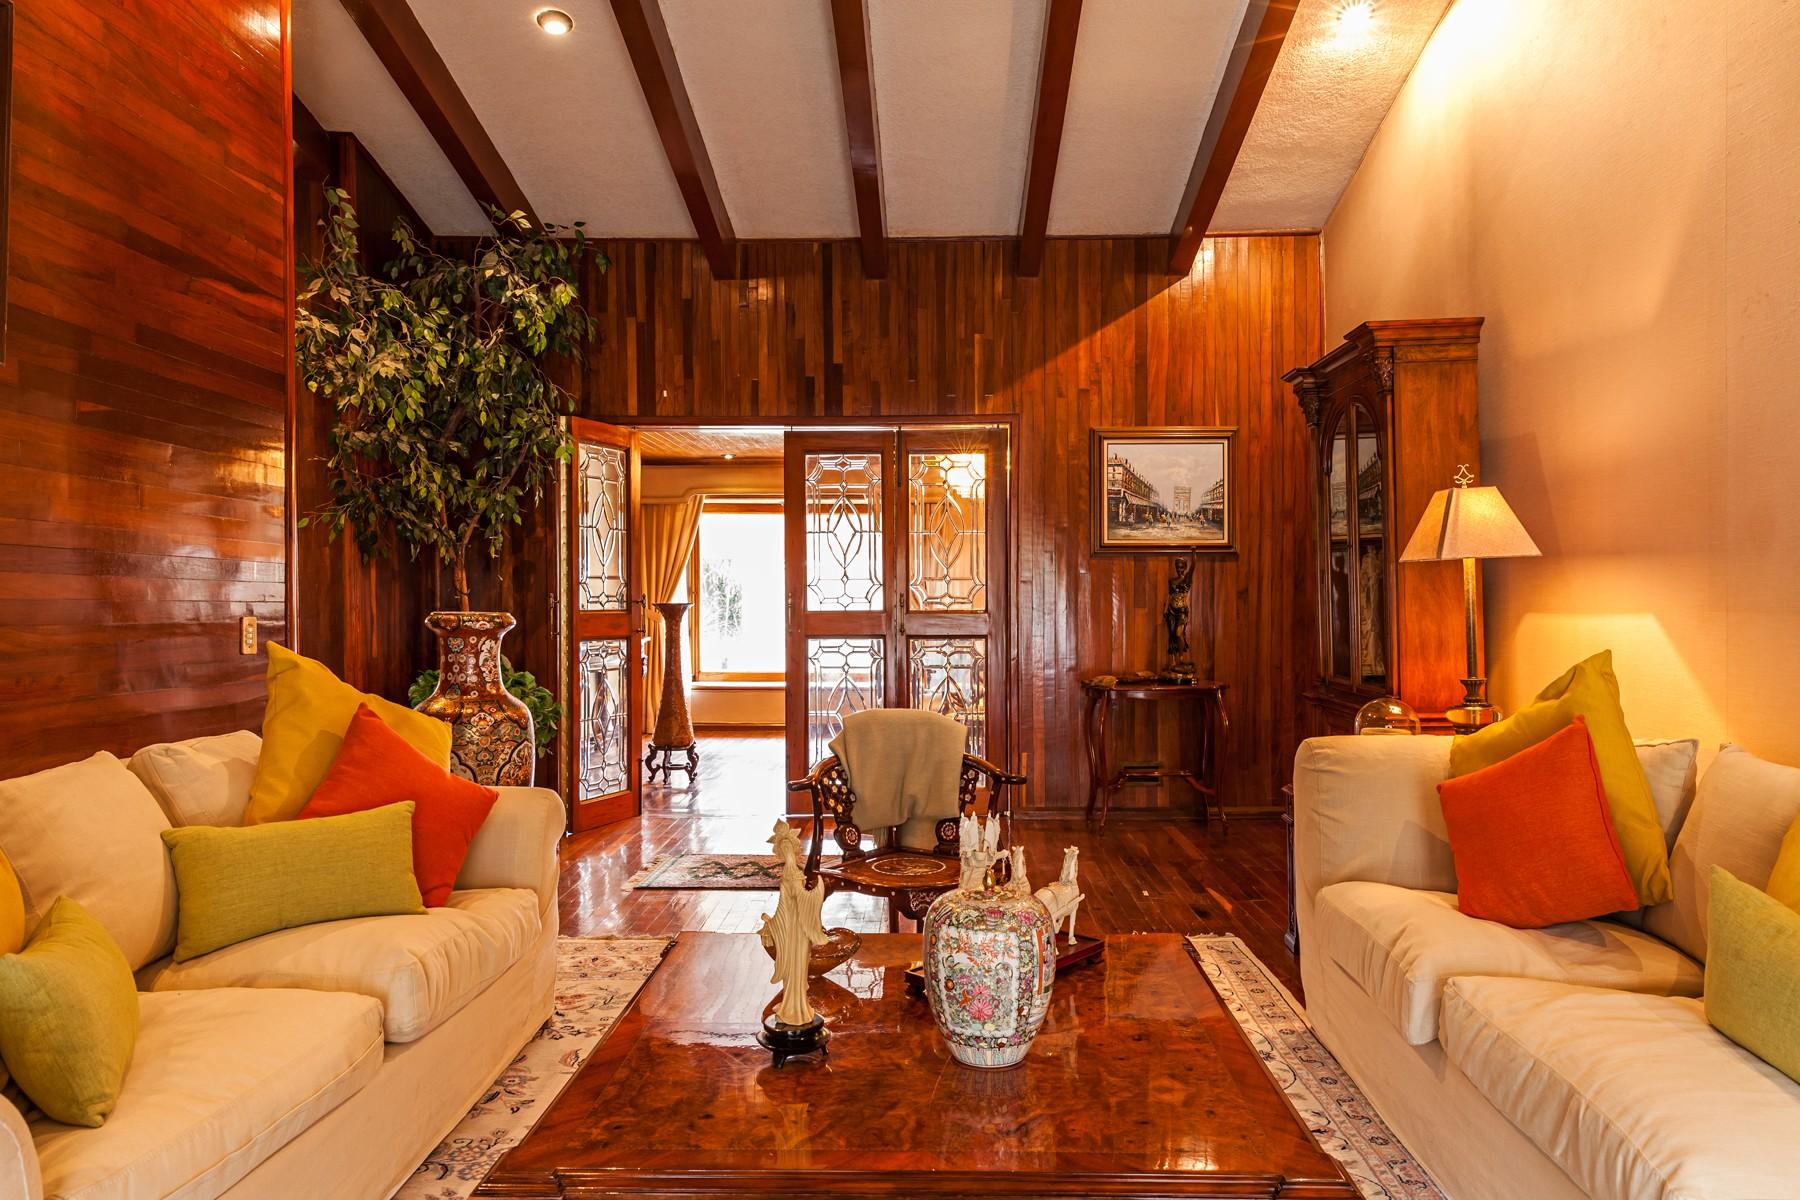 Additional photo for property listing at Residence Paseo Santa Anita, Club de Golf Santa Anita, Tlajomulco de Zuñiga Paseo Santa Anita 432 Club de Golf Santa Anita Other Jalisco, Jalisco 45640 Mexico